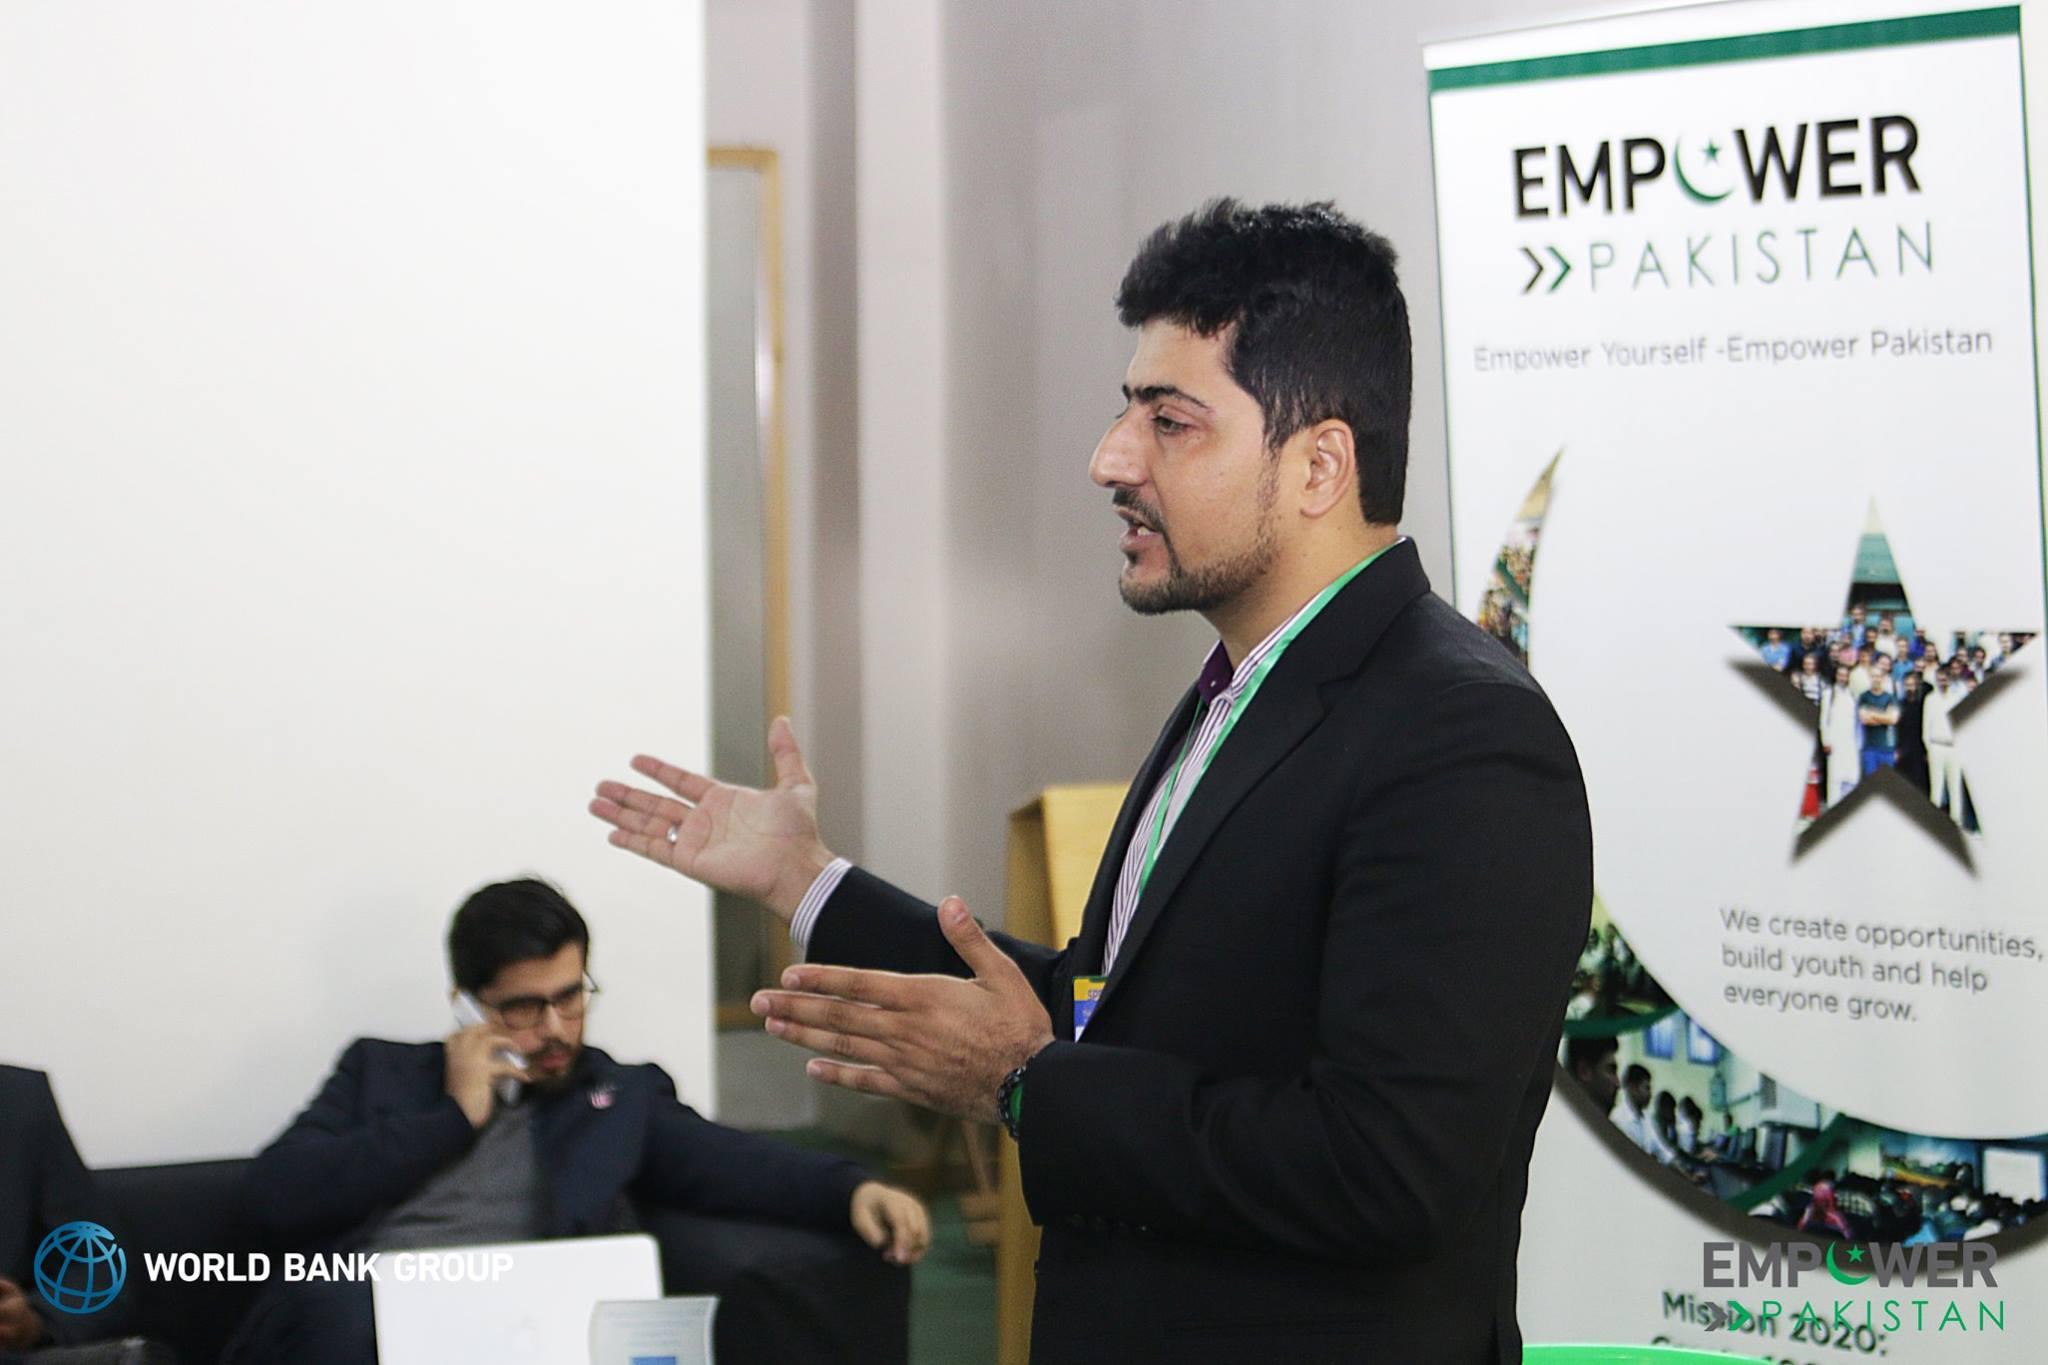 EmpowerPakistan_image